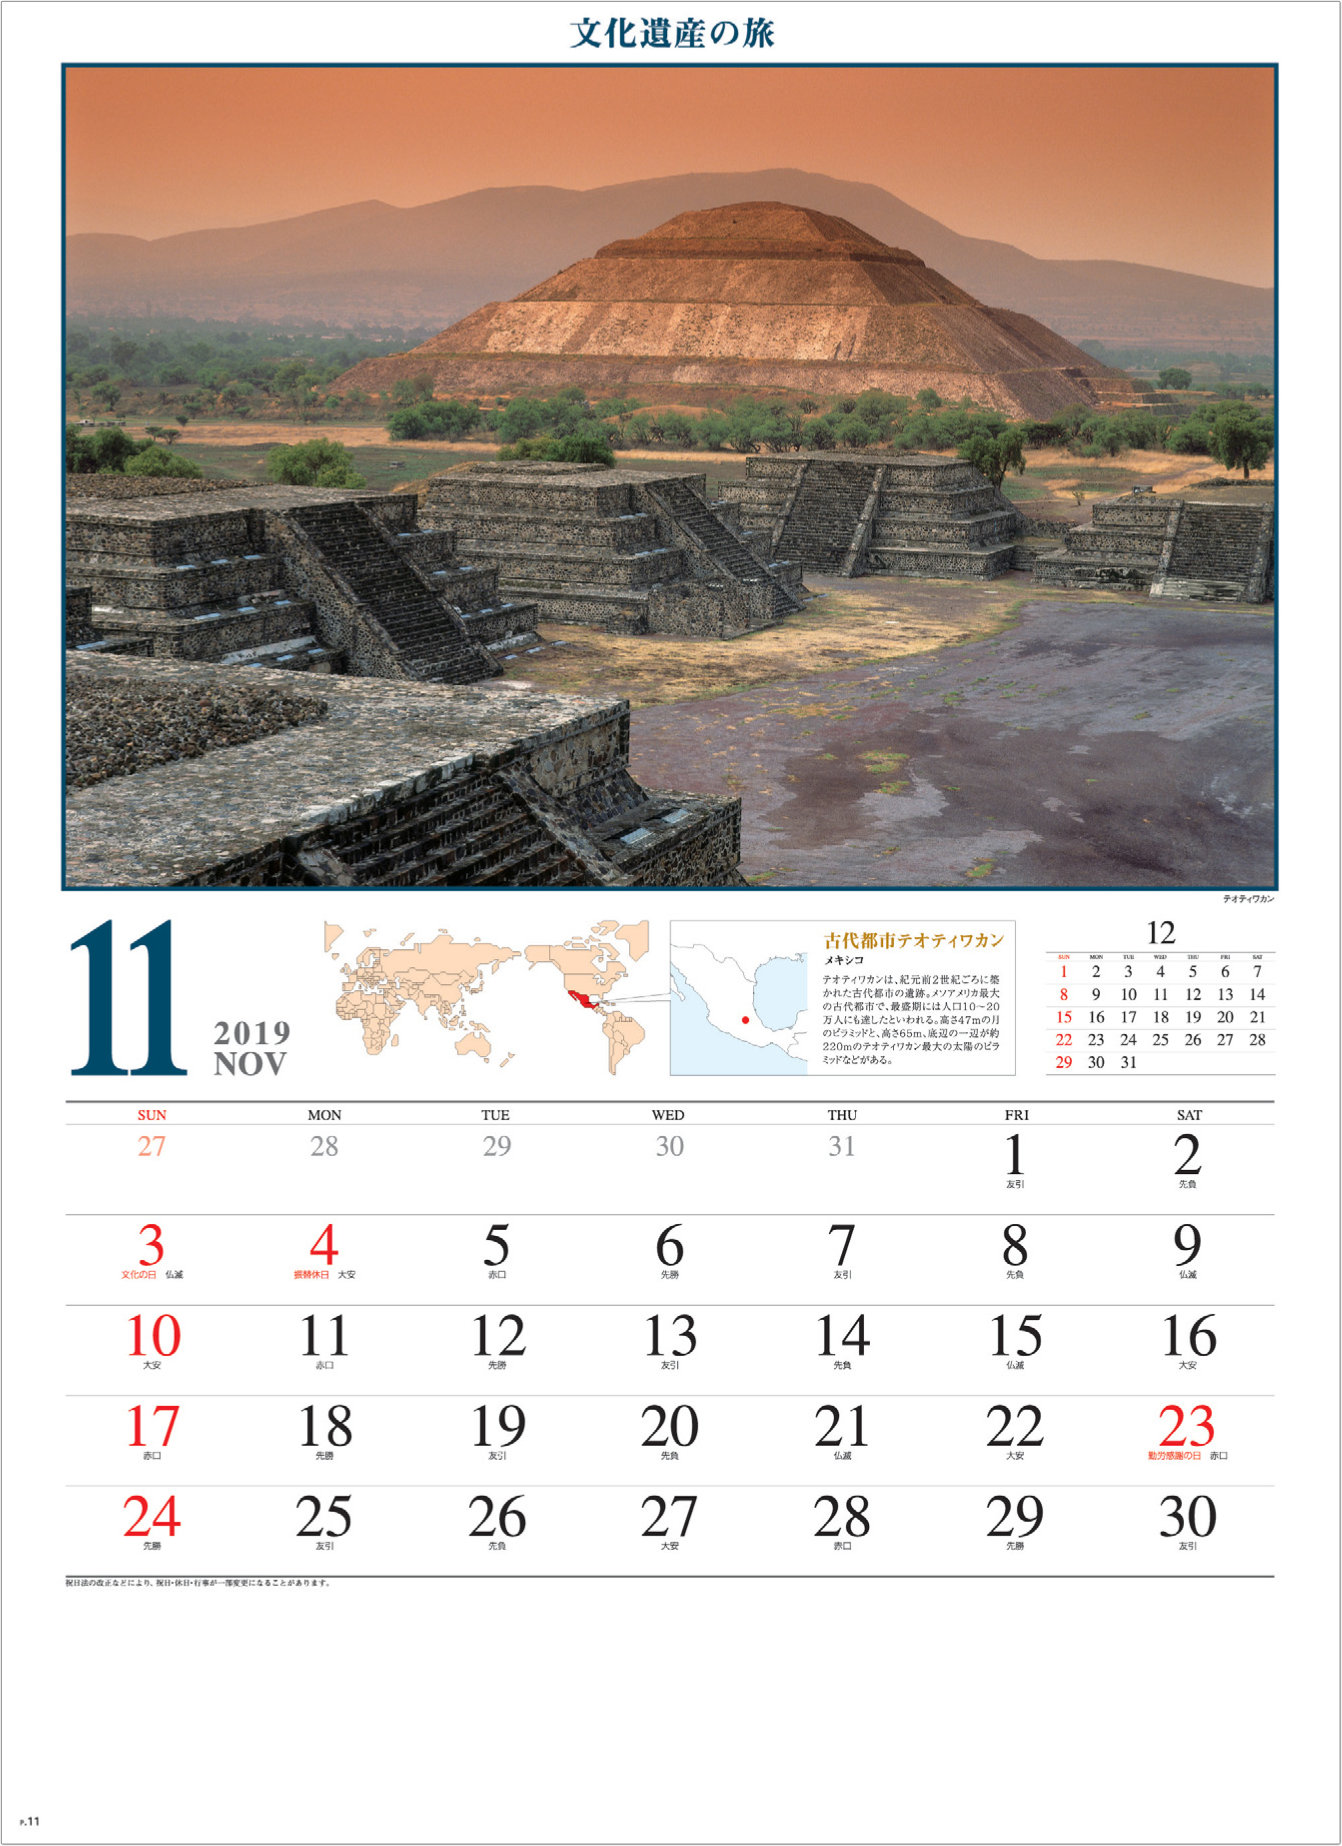 画像:メキシコの世界遺産 テオティワカン 文化遺産の旅(ユネスコ世界遺産) 2019年カレンダー